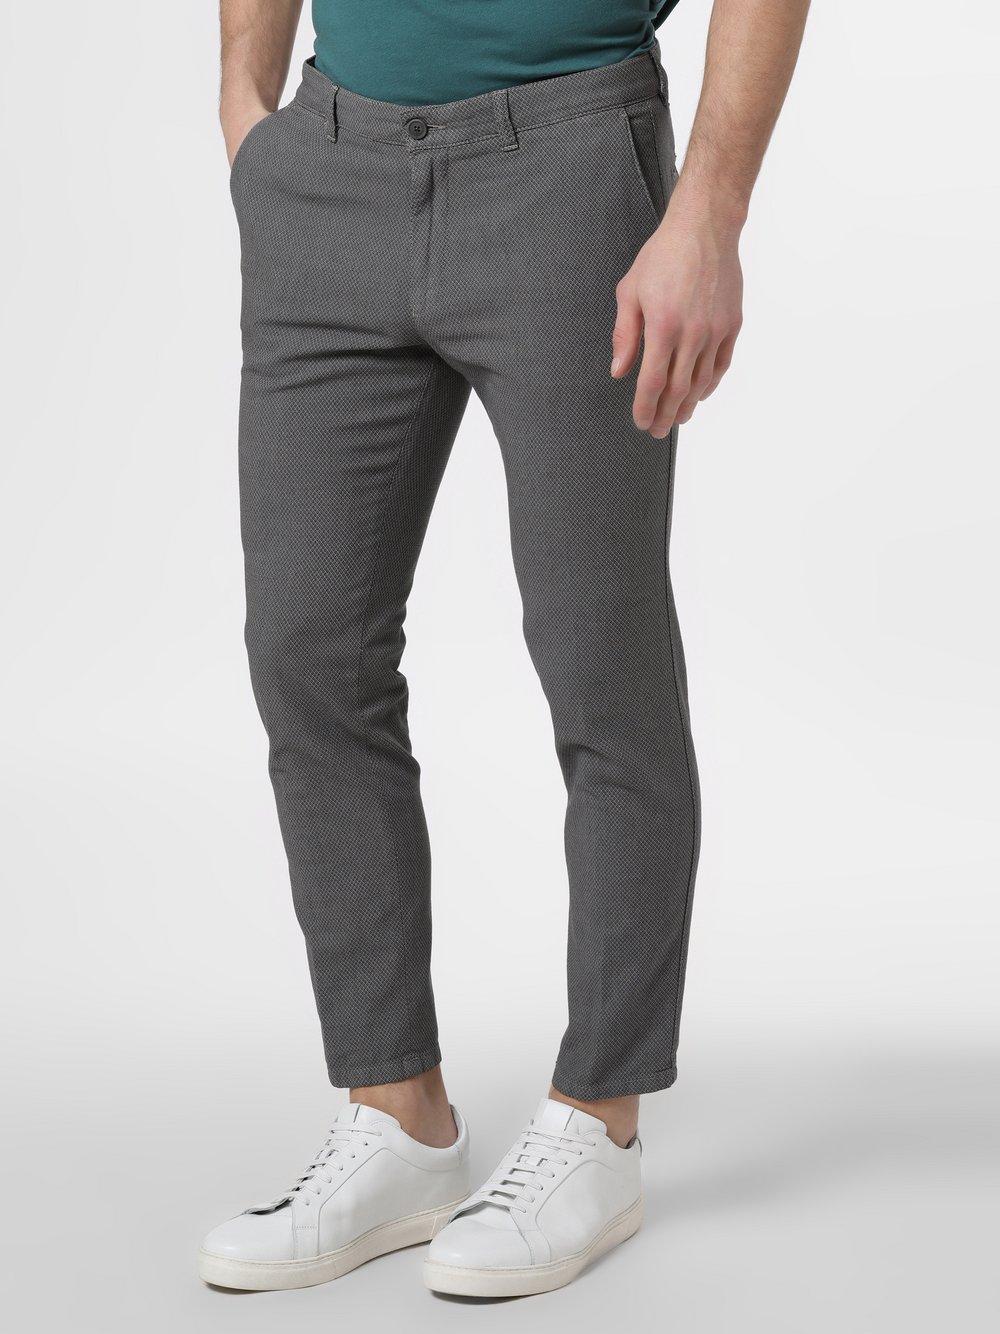 Drykorn - Spodnie męskie – Mad, szary